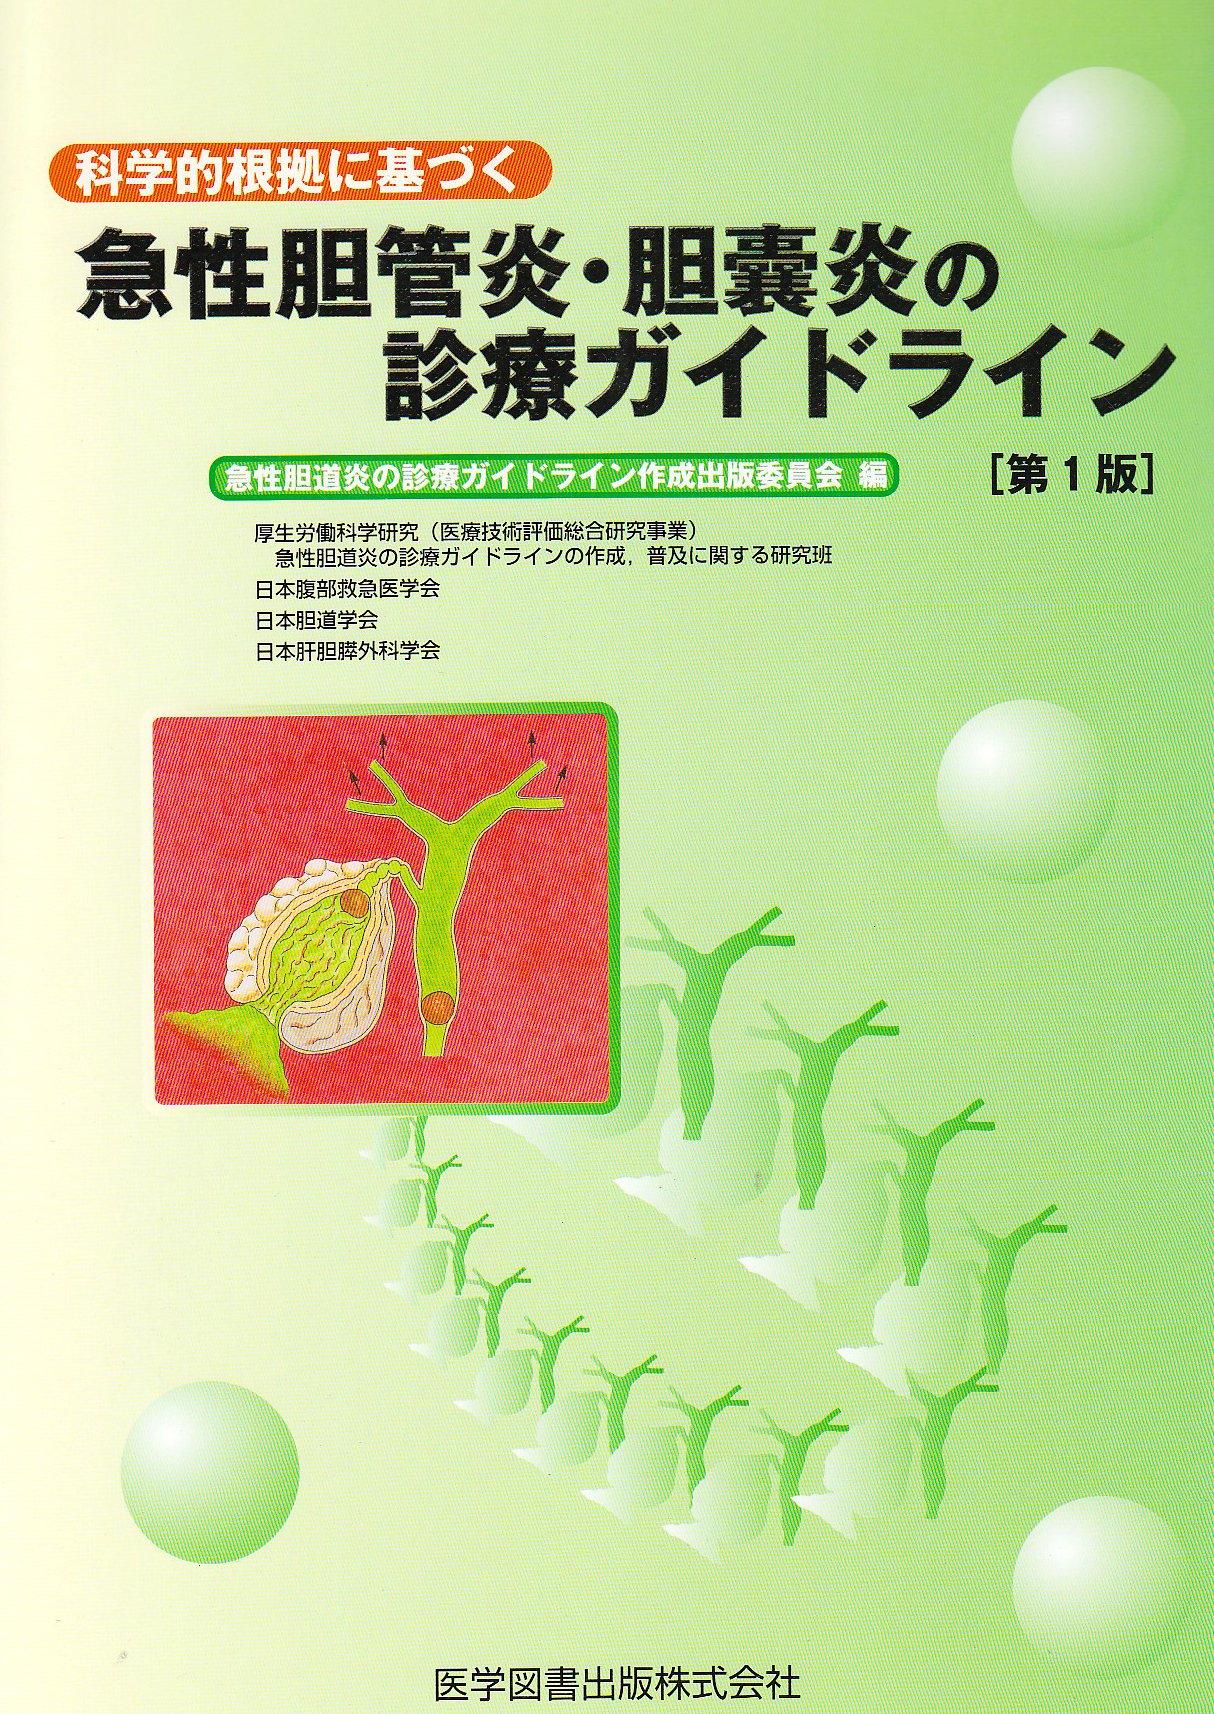 ポリープ ガイドライン 胆嚢